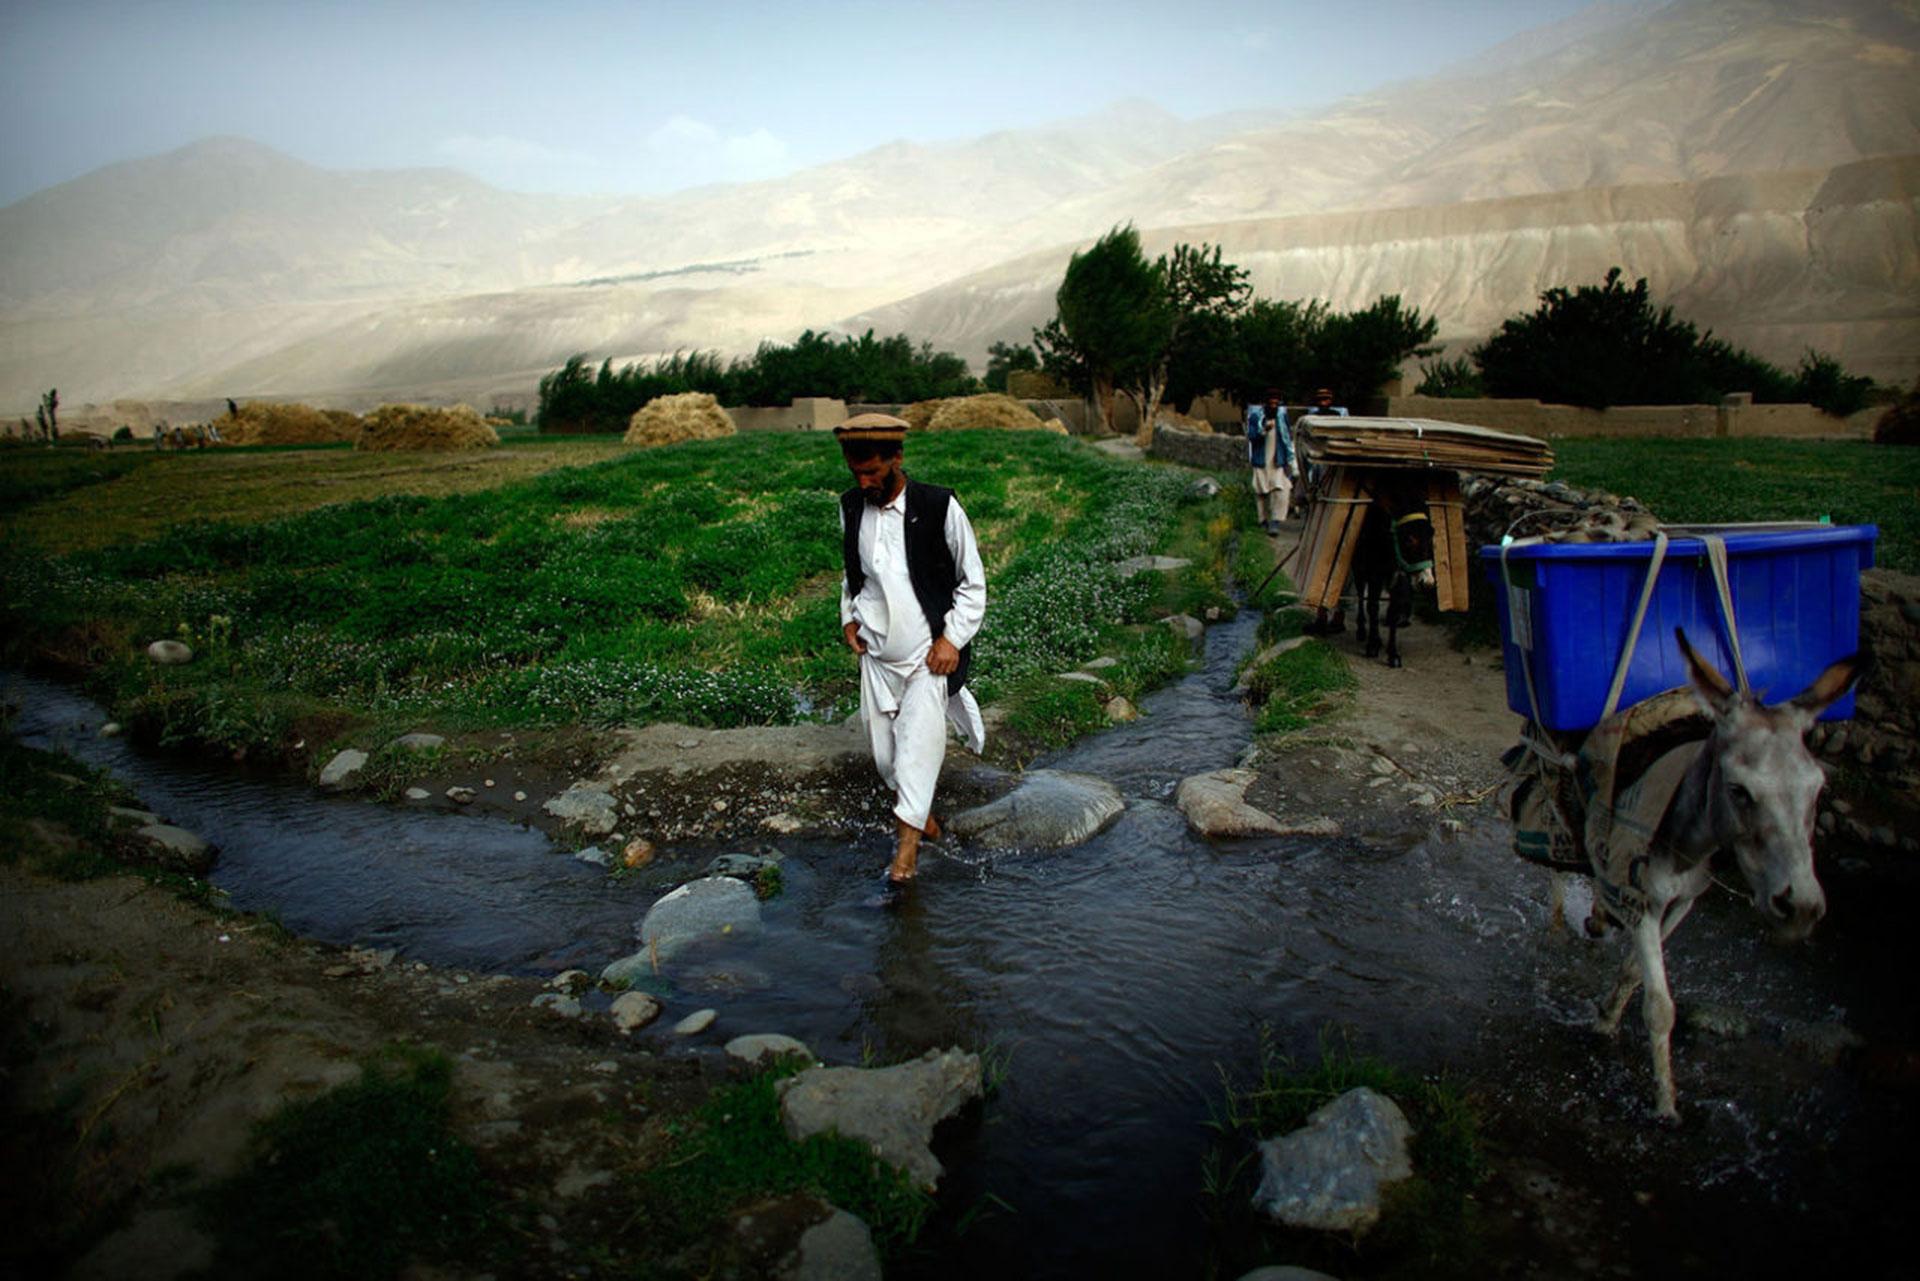 Día de elecciones en Afganistán (2009). La cámara de Gilkey capturó el momento en que urnas y material electoral es transportado por burros y oficiales, en la provincia de Badakhshan